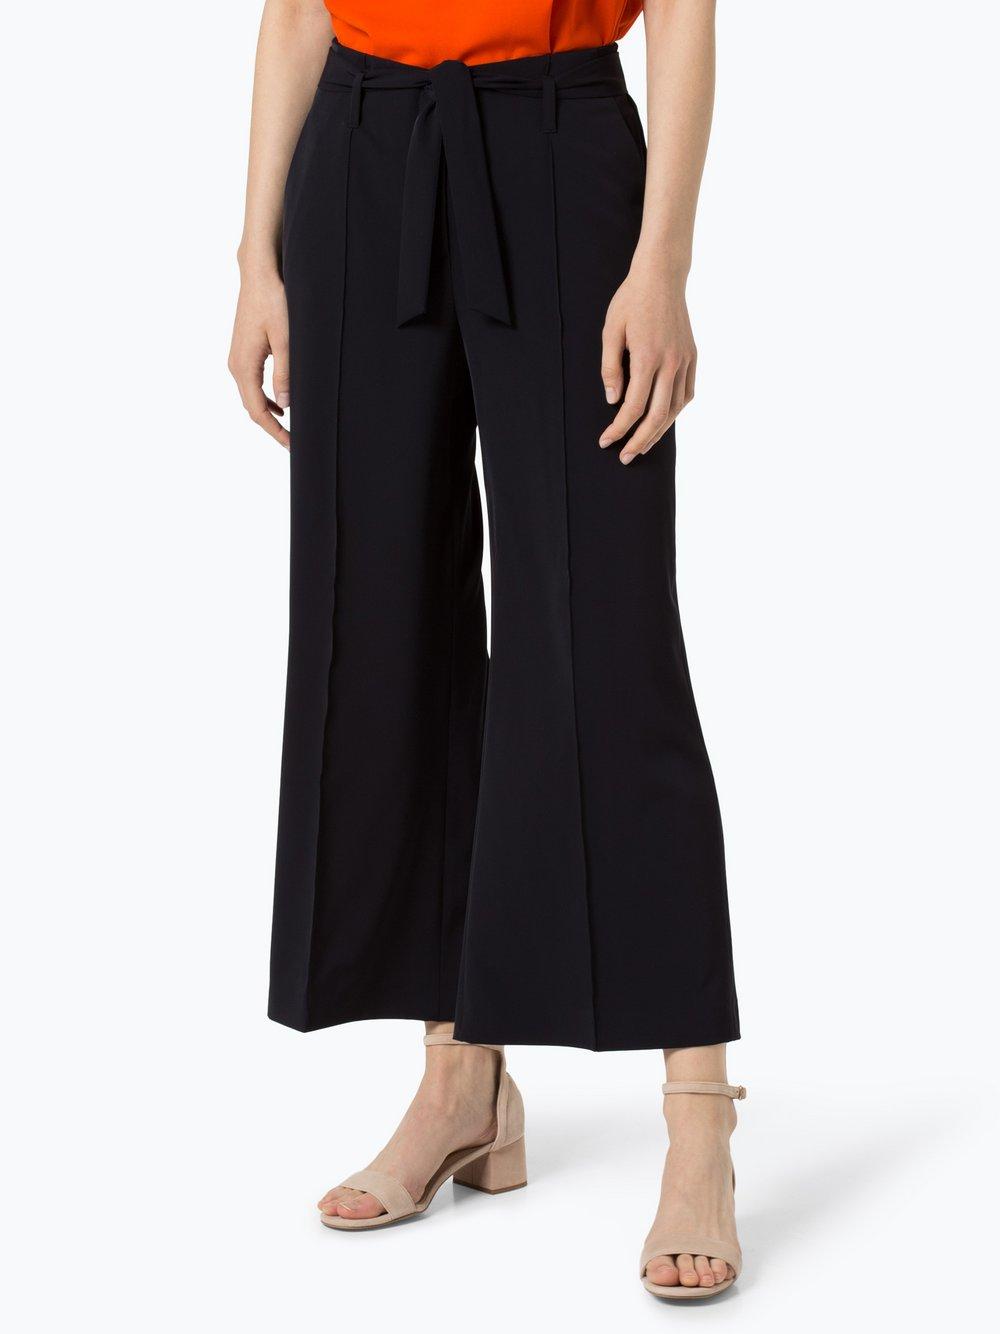 RAFFAELLO ROSSI – Spodnie damskie – Agatha cropped, niebieski Van Graaf 430367-0001-00400